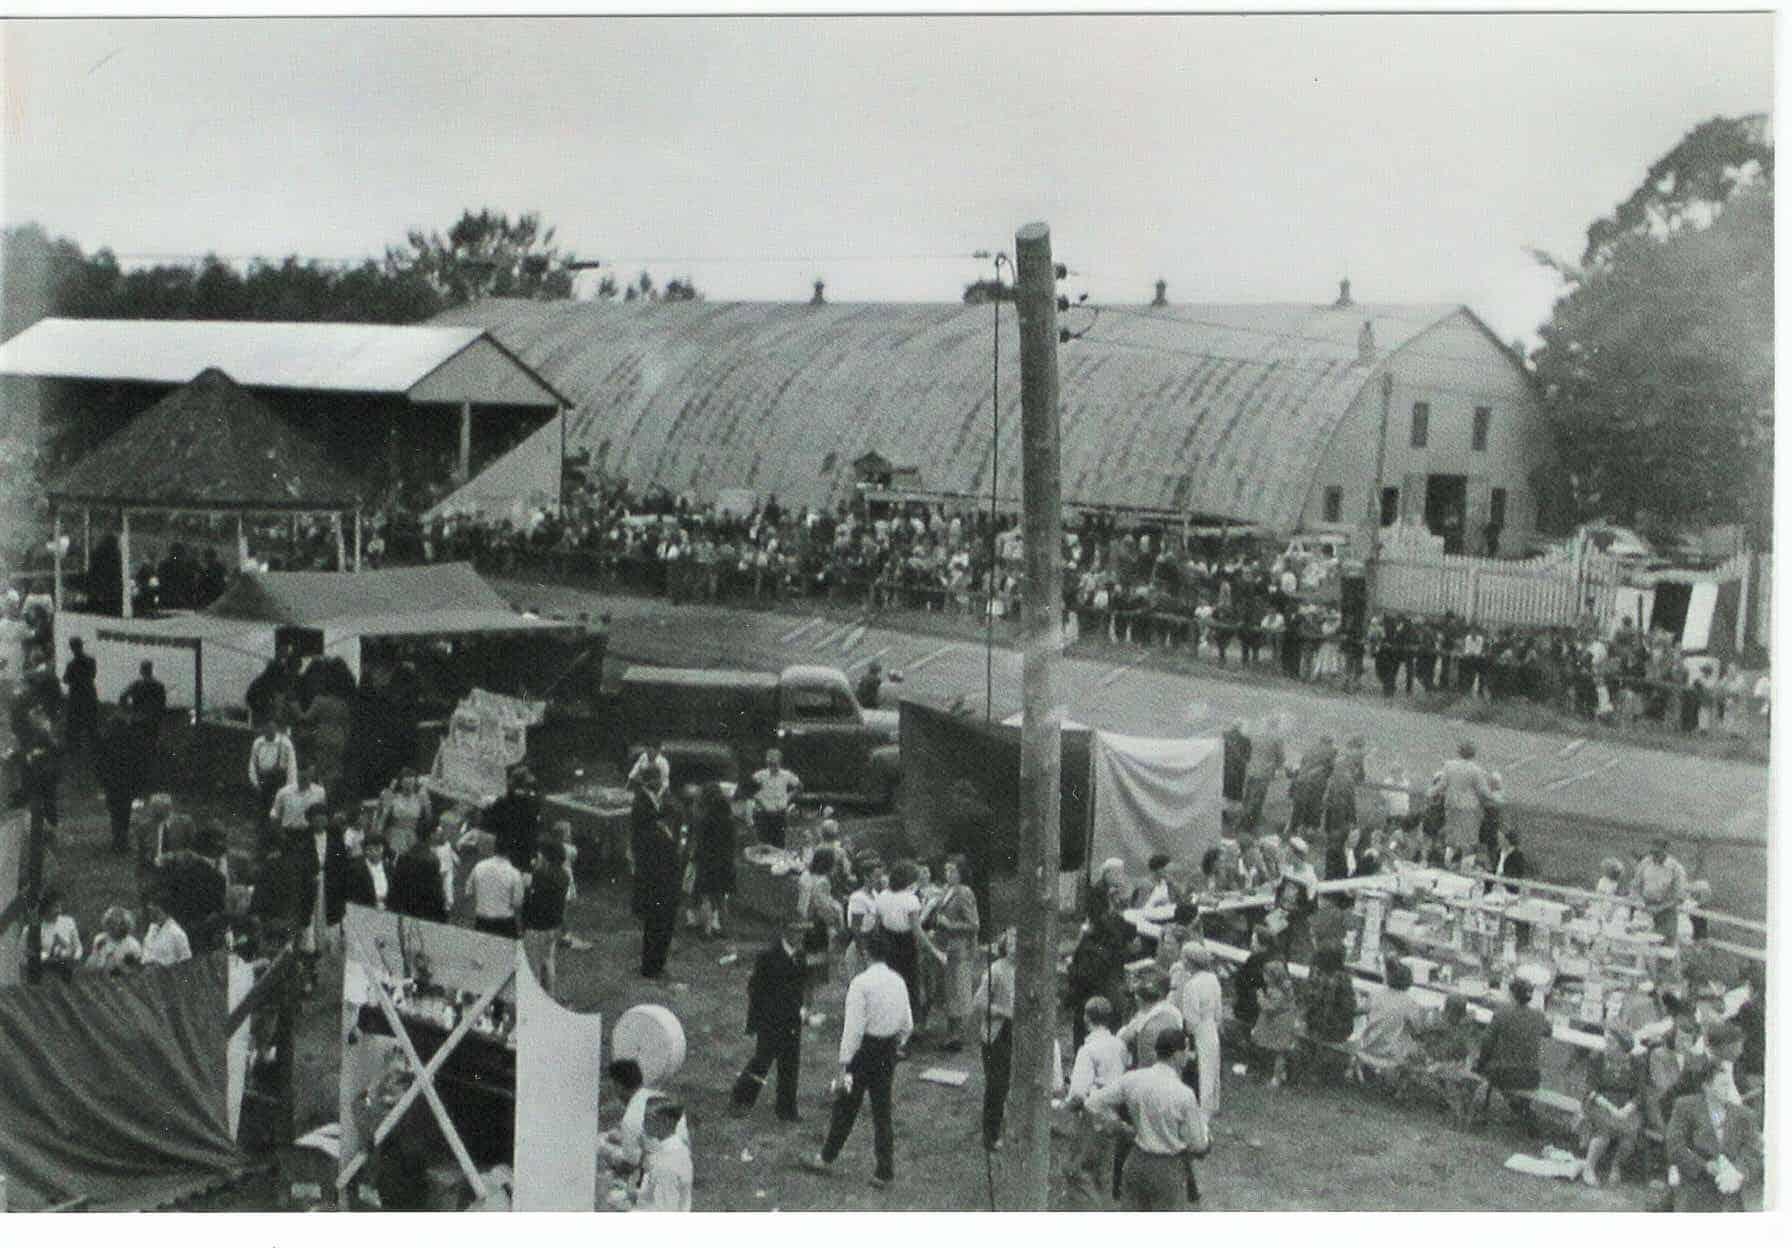 20200908-Orono Fair grounds 1940s